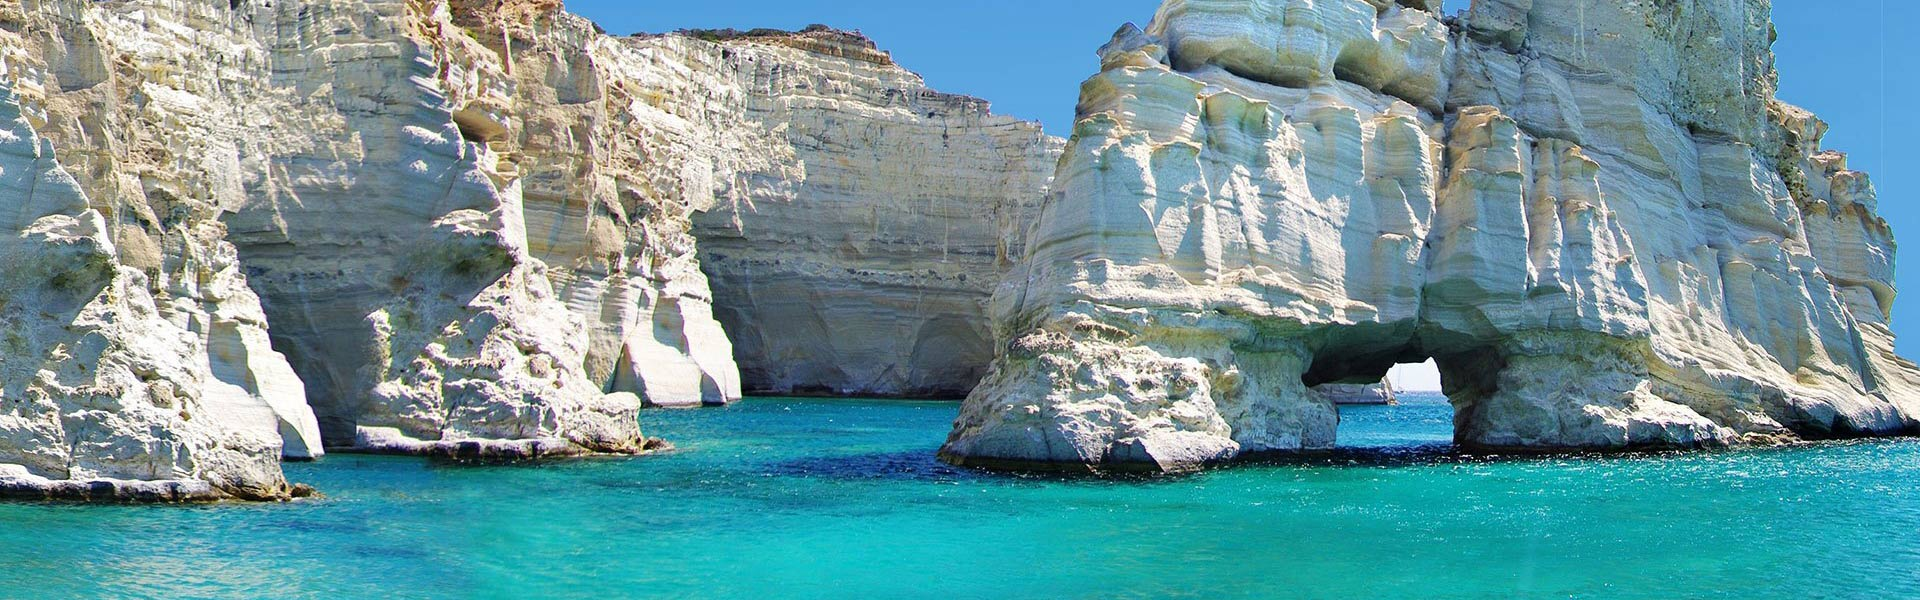 Konstantinos Bed & Breakfast | Accommodation in Milos Island | Hotel in Milos